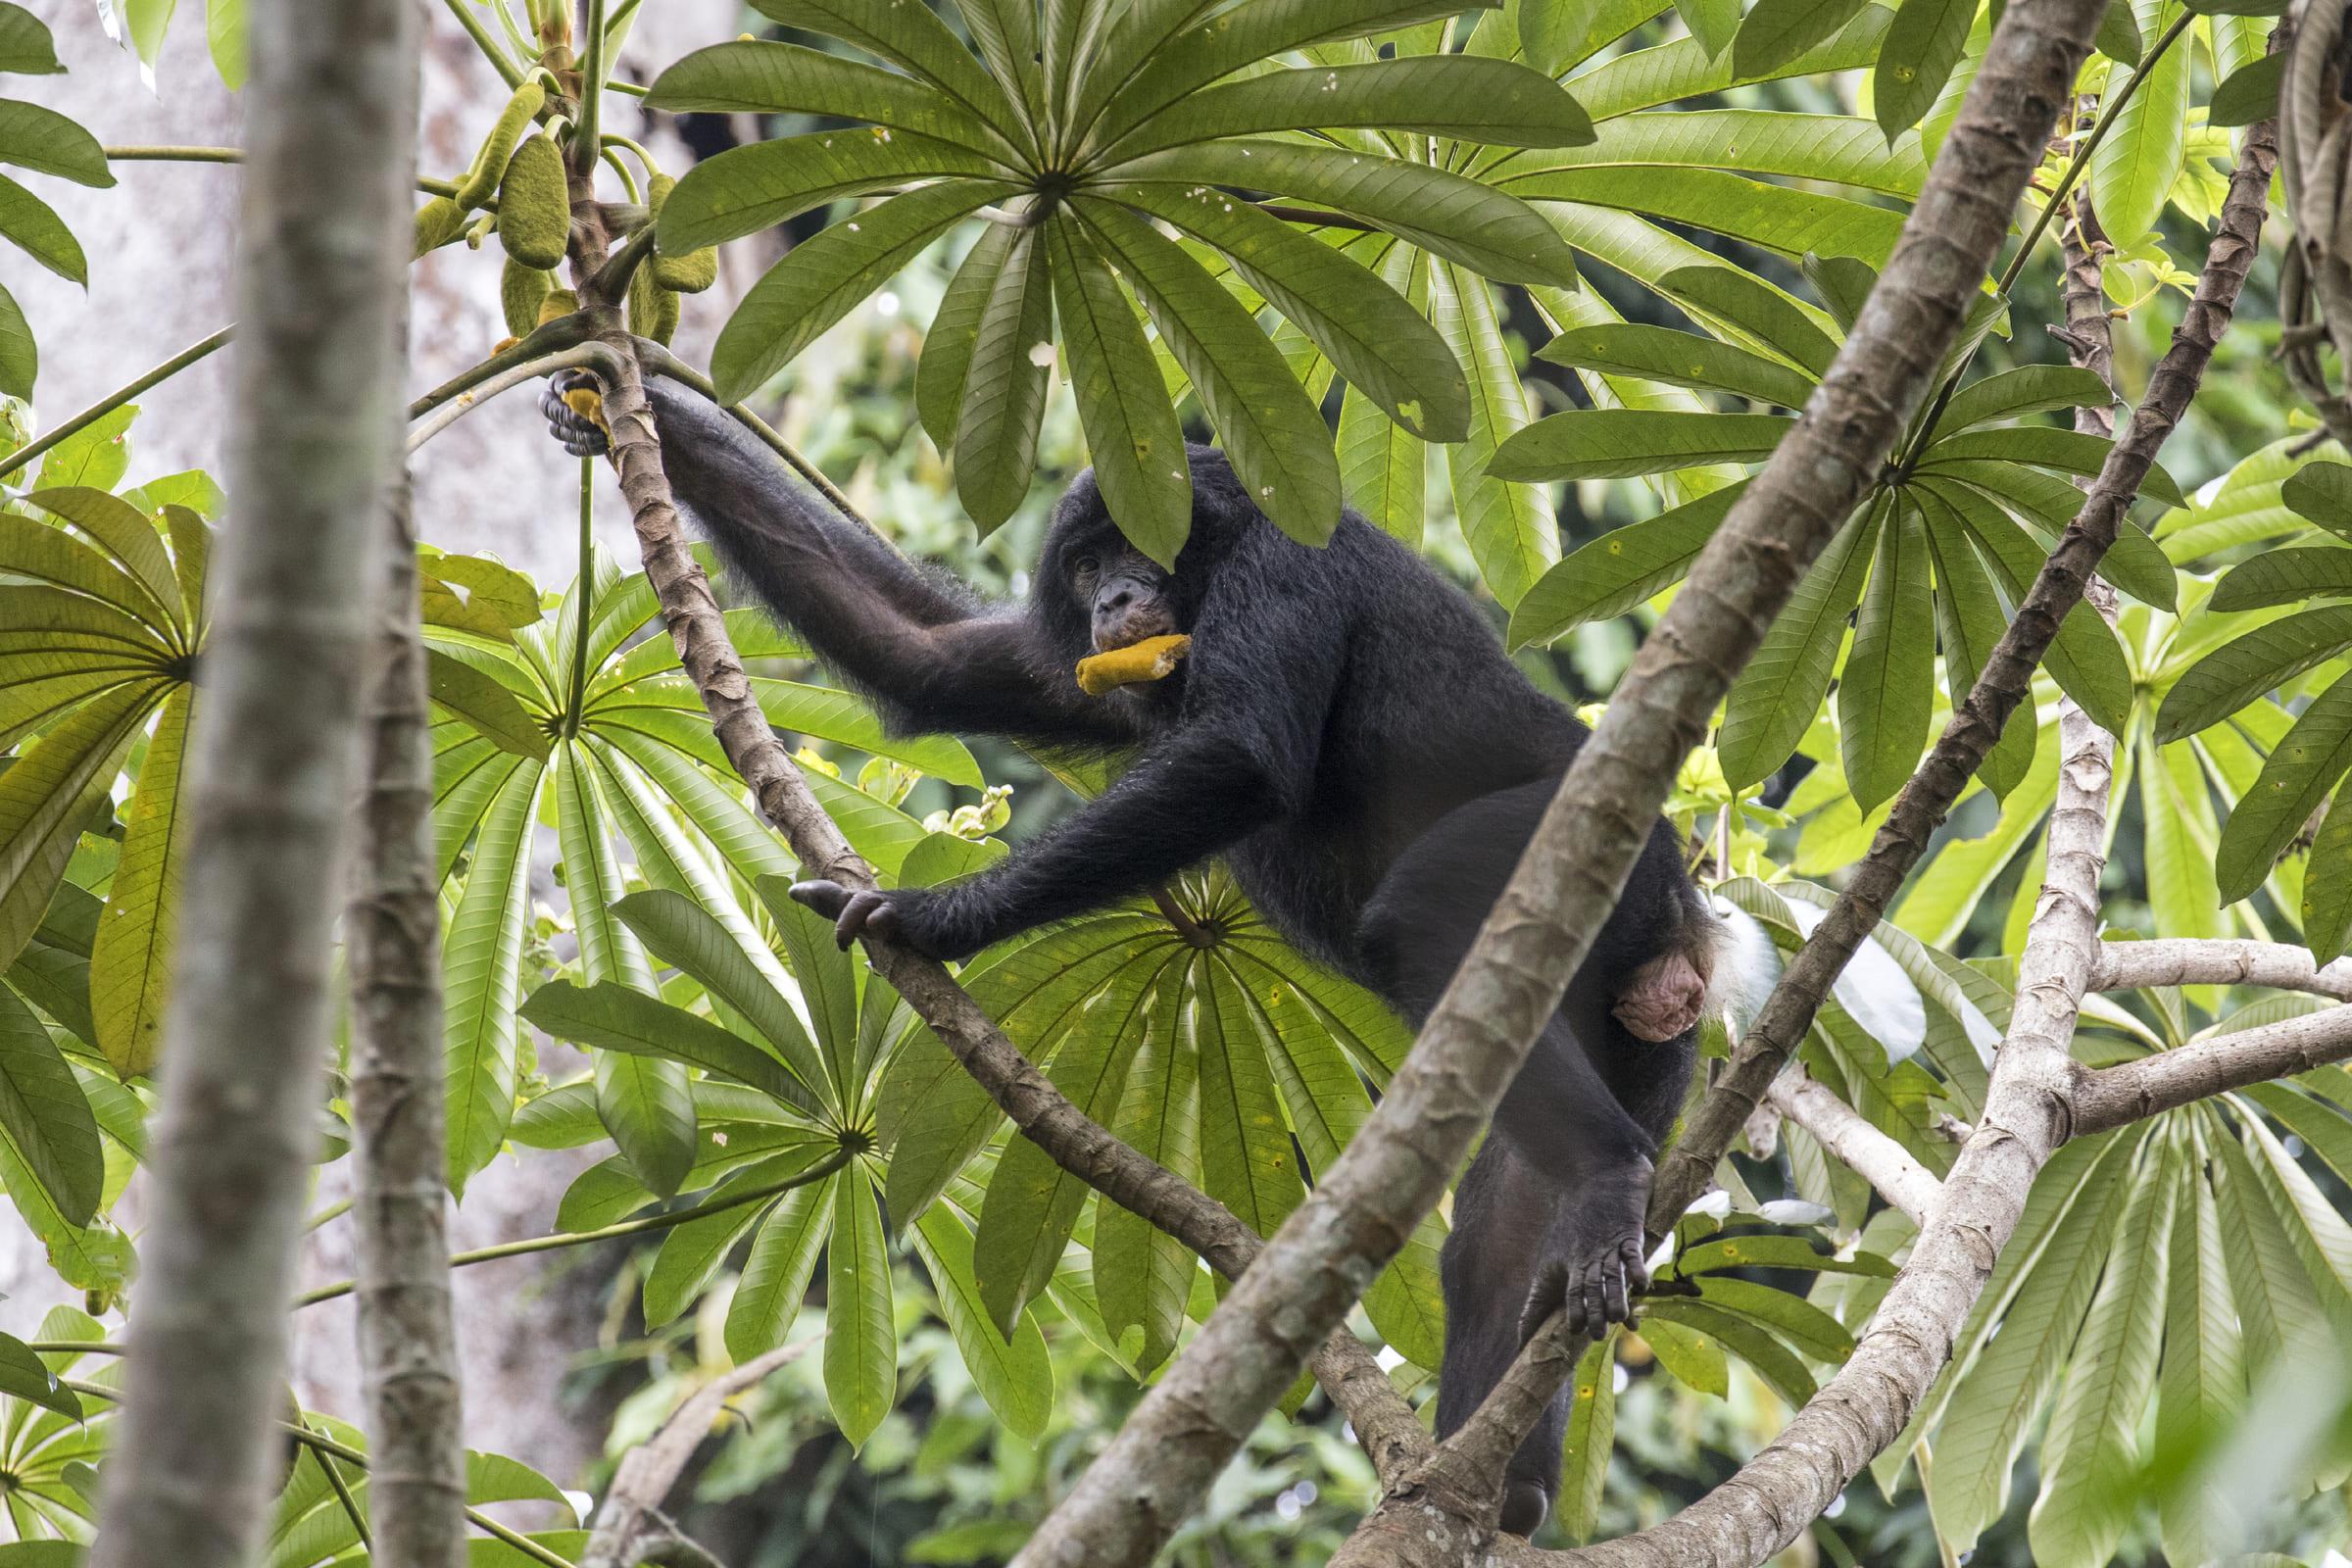 Bonobo im Baum